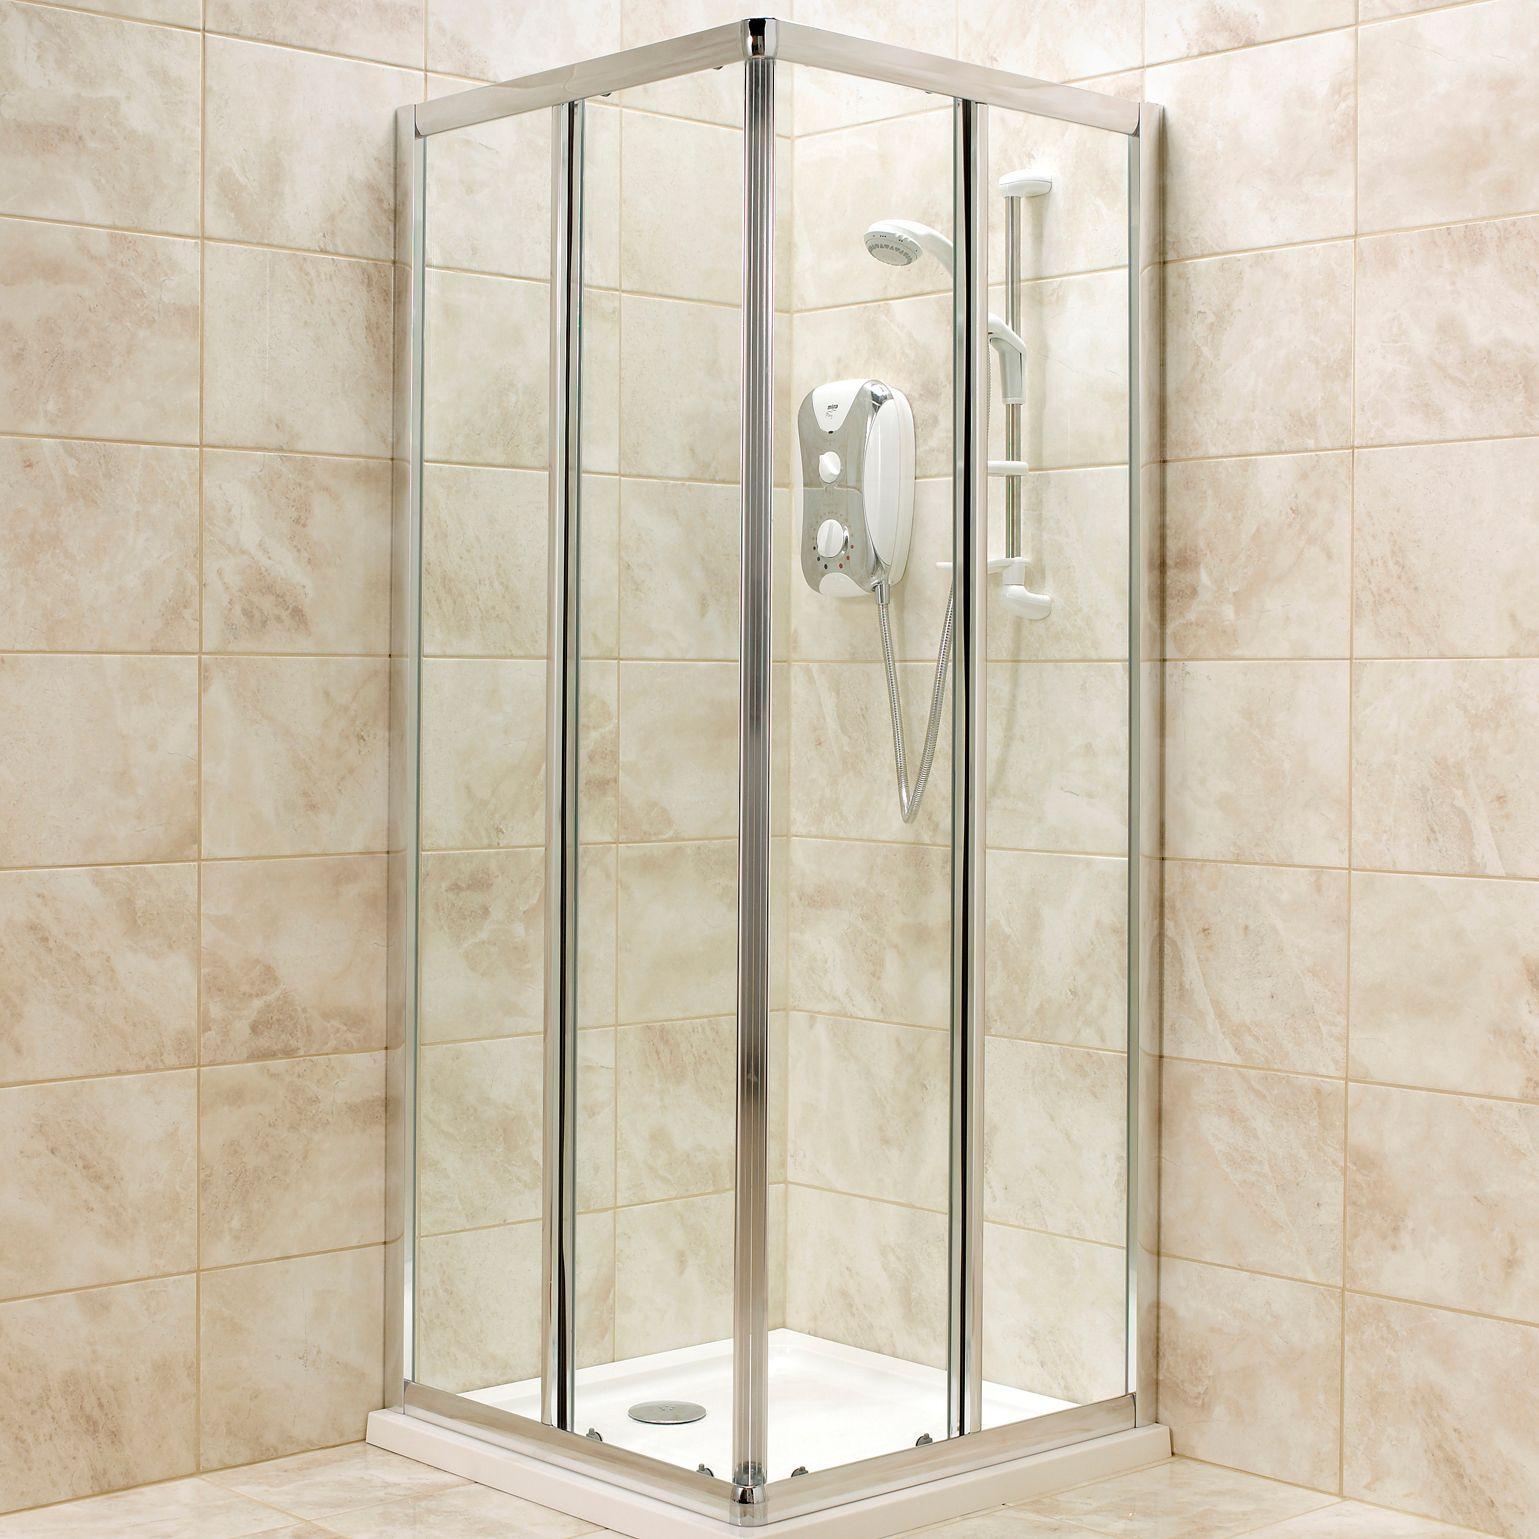 Square Corner Entry Shower Enclosure W 760mm D 760mm Rooms Diy At B Q Square Shower Enclosures Shower Enclosure Double Sliding Doors